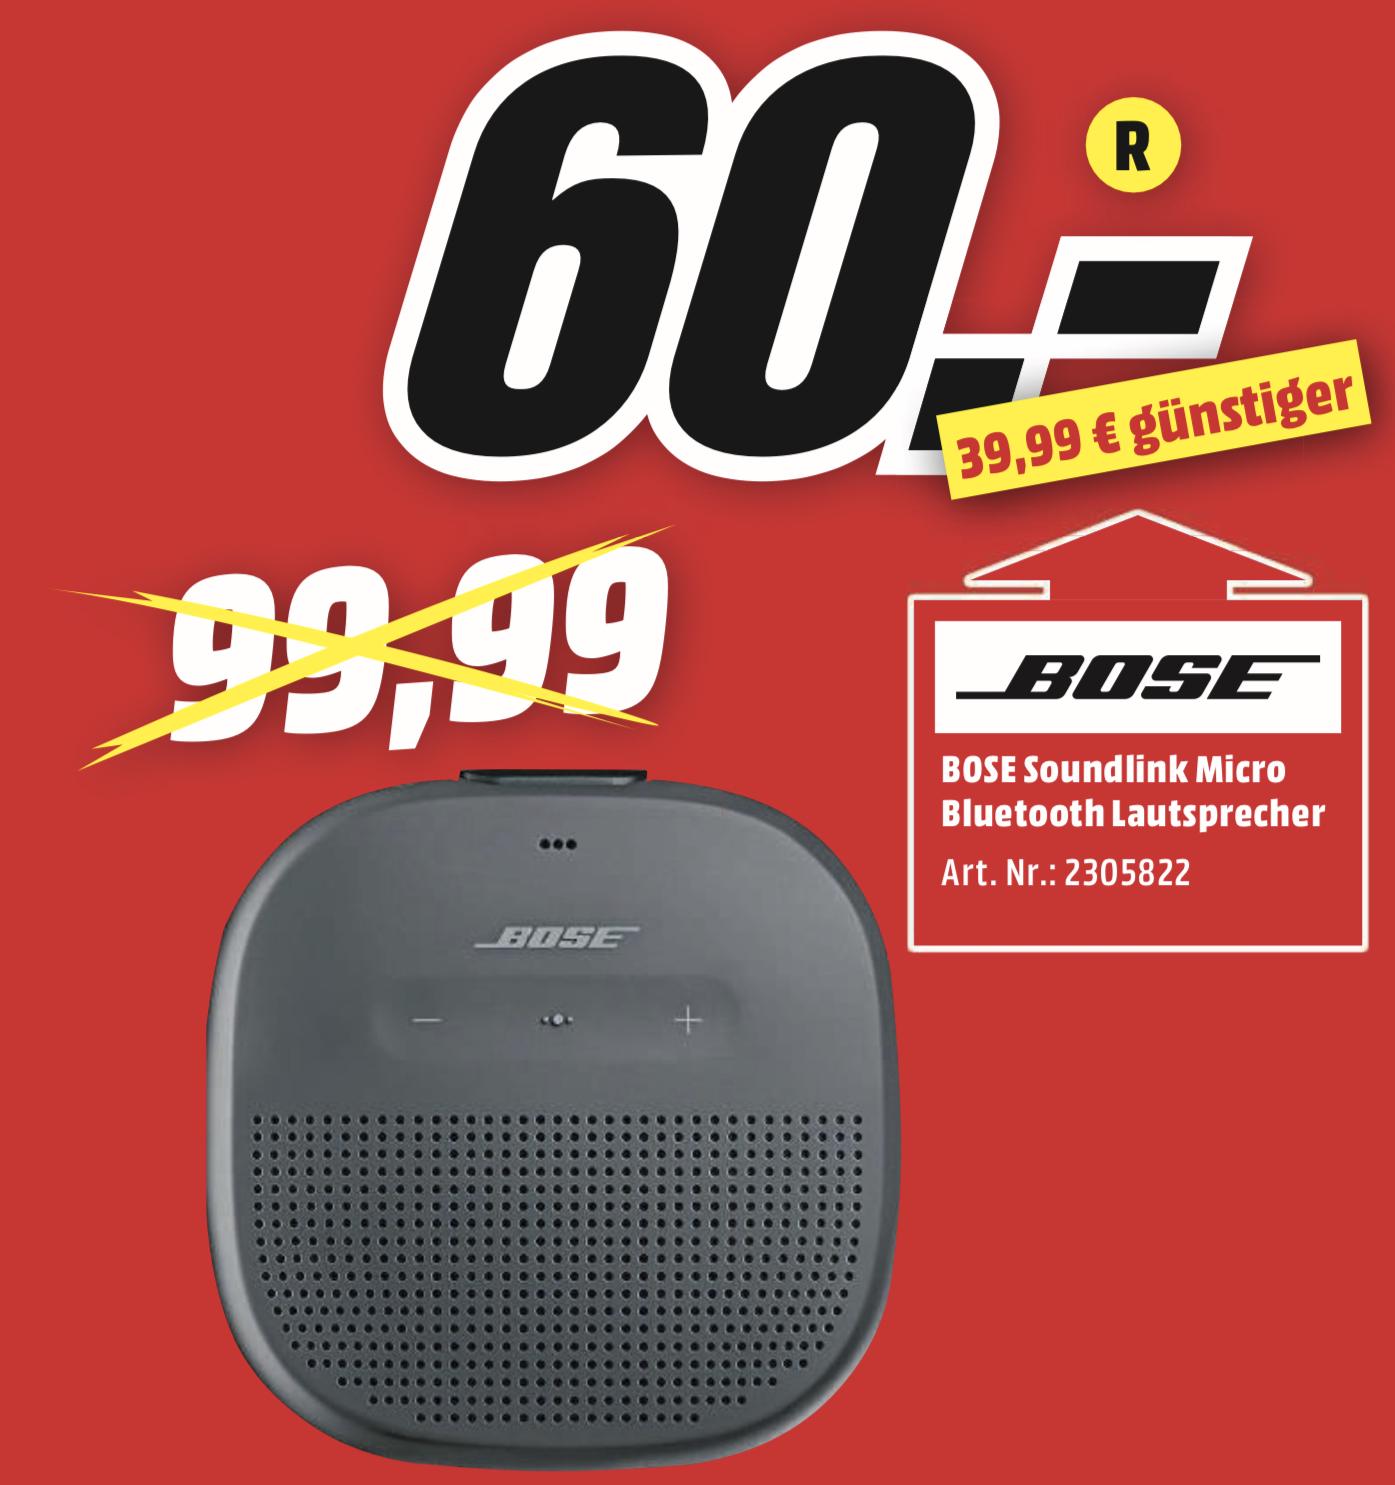 Lokal MediaMarkt Holzminden: BOSE SoundLink Micro für 60€